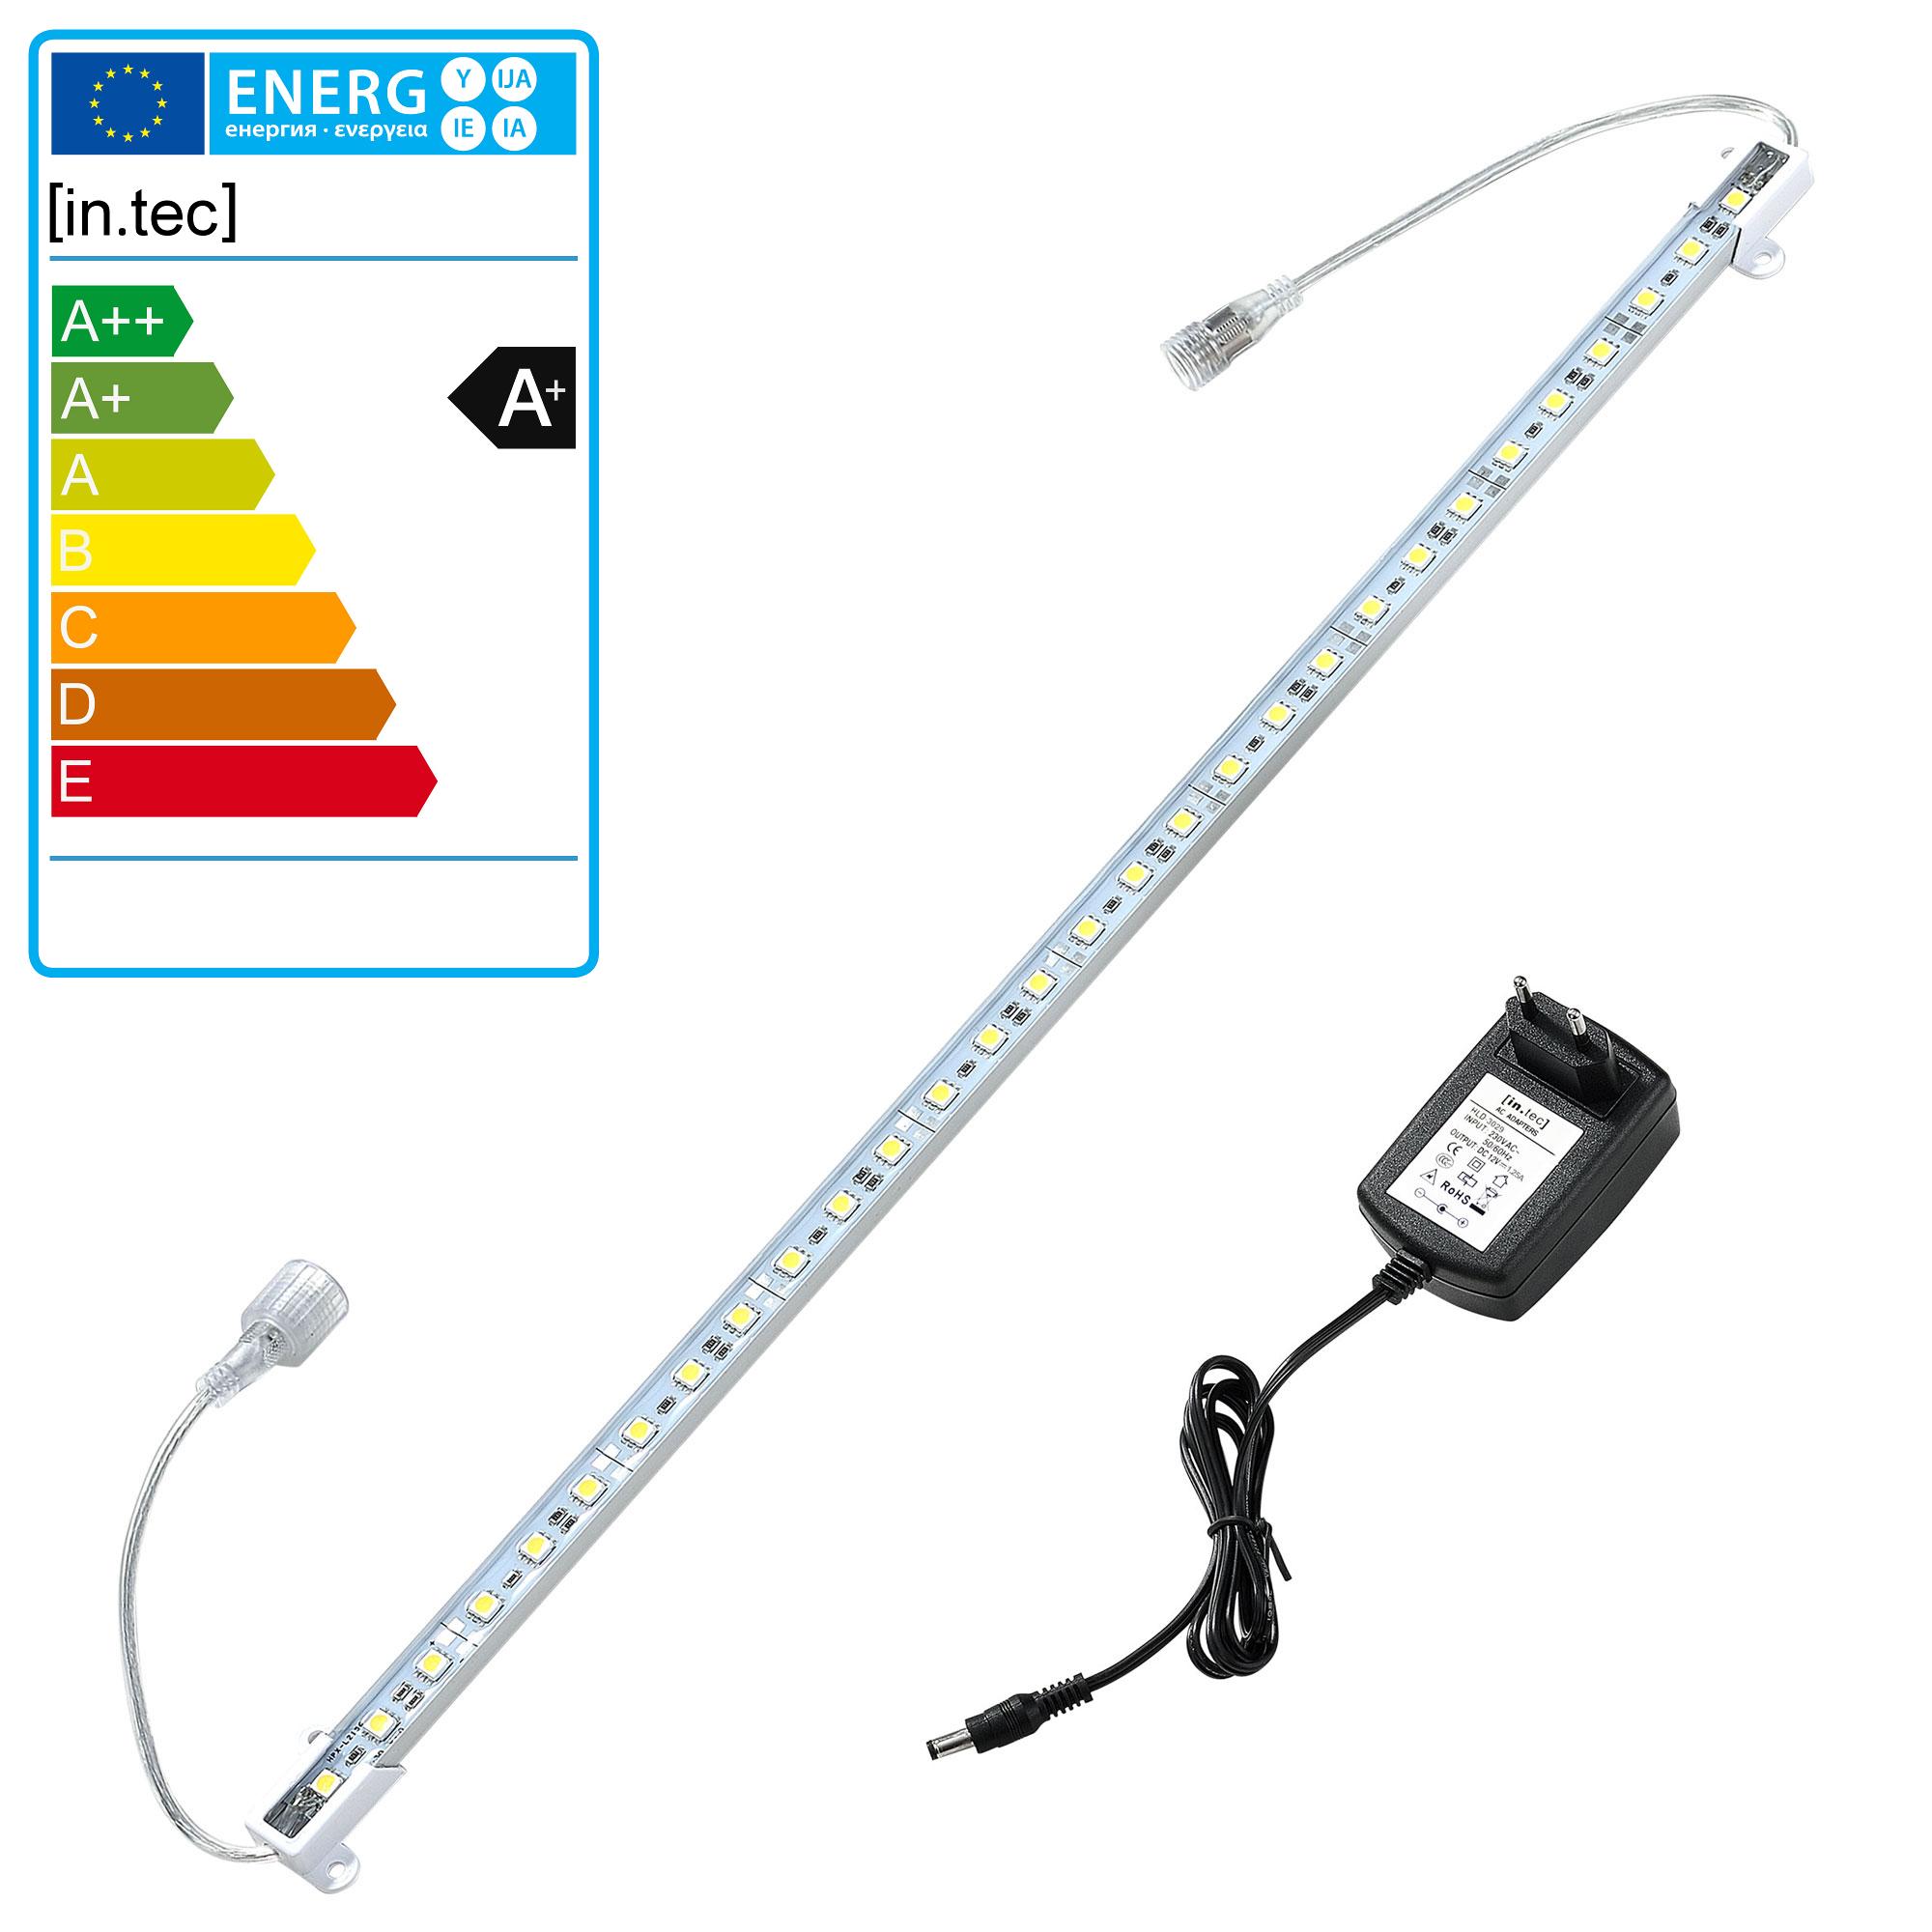 100cm Alu RGB LED Lichtleiste Fernbedienung Unterbauleuchte Leiste SMD